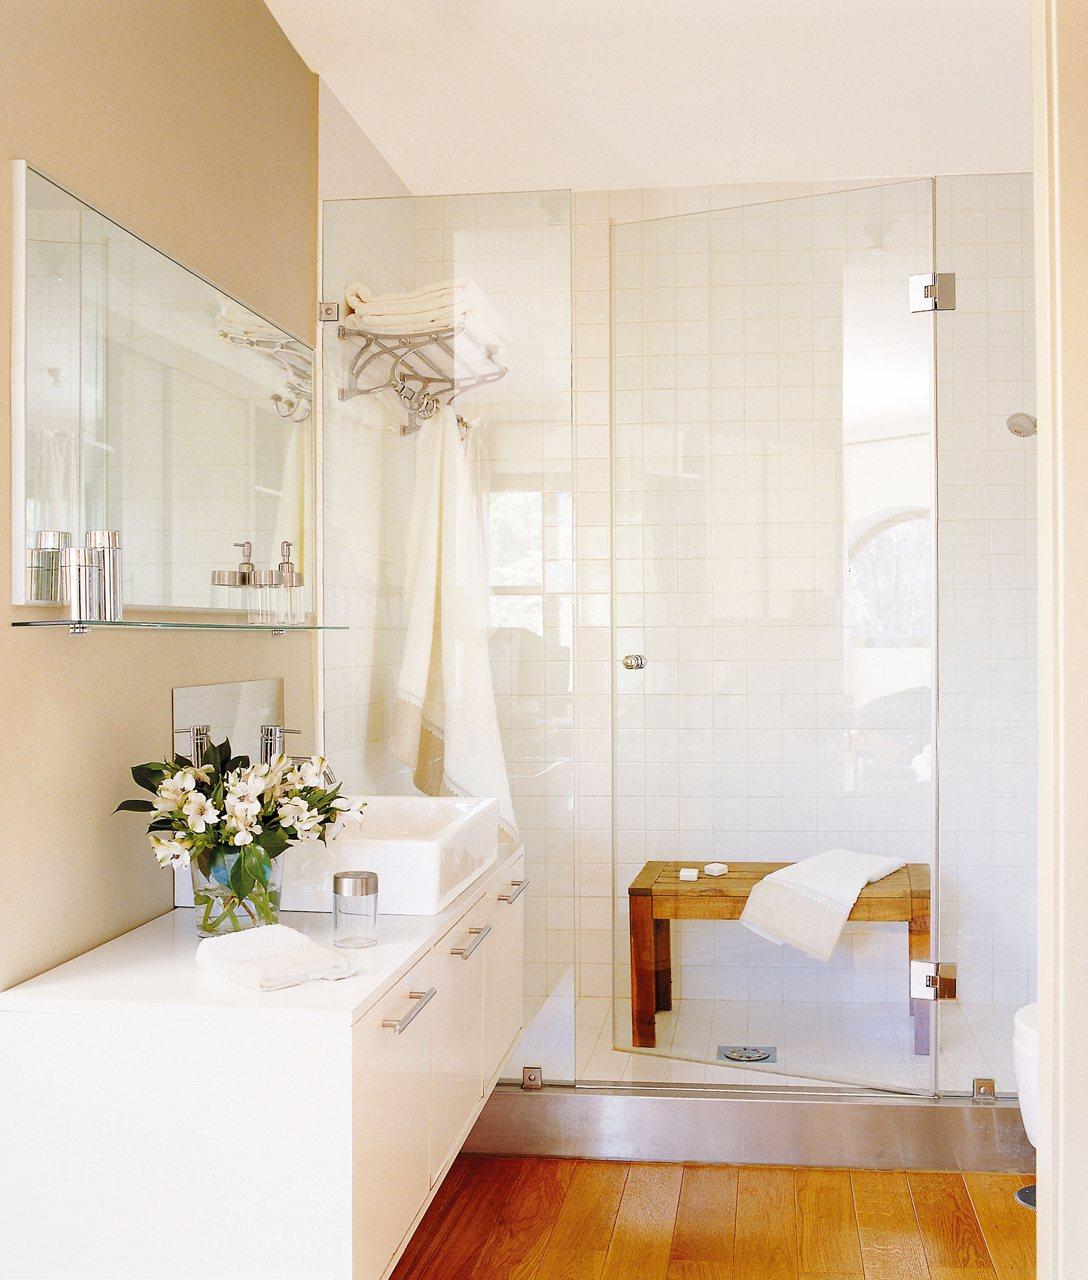 Un ba o muy completo en pocos metros - Banos cuadrados con ducha ...